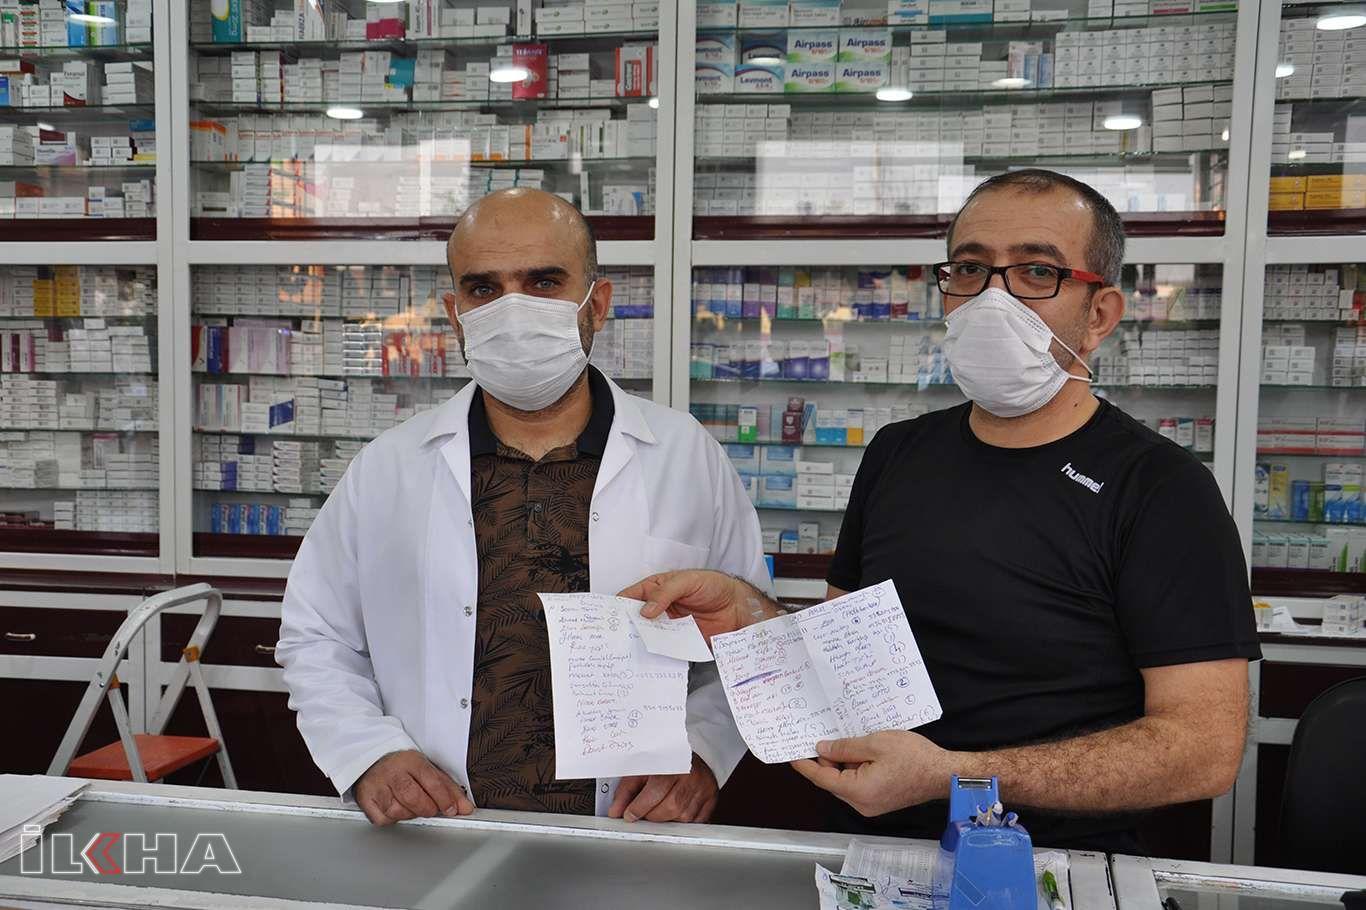 Covid-19, grip aşısına talebi artırdı